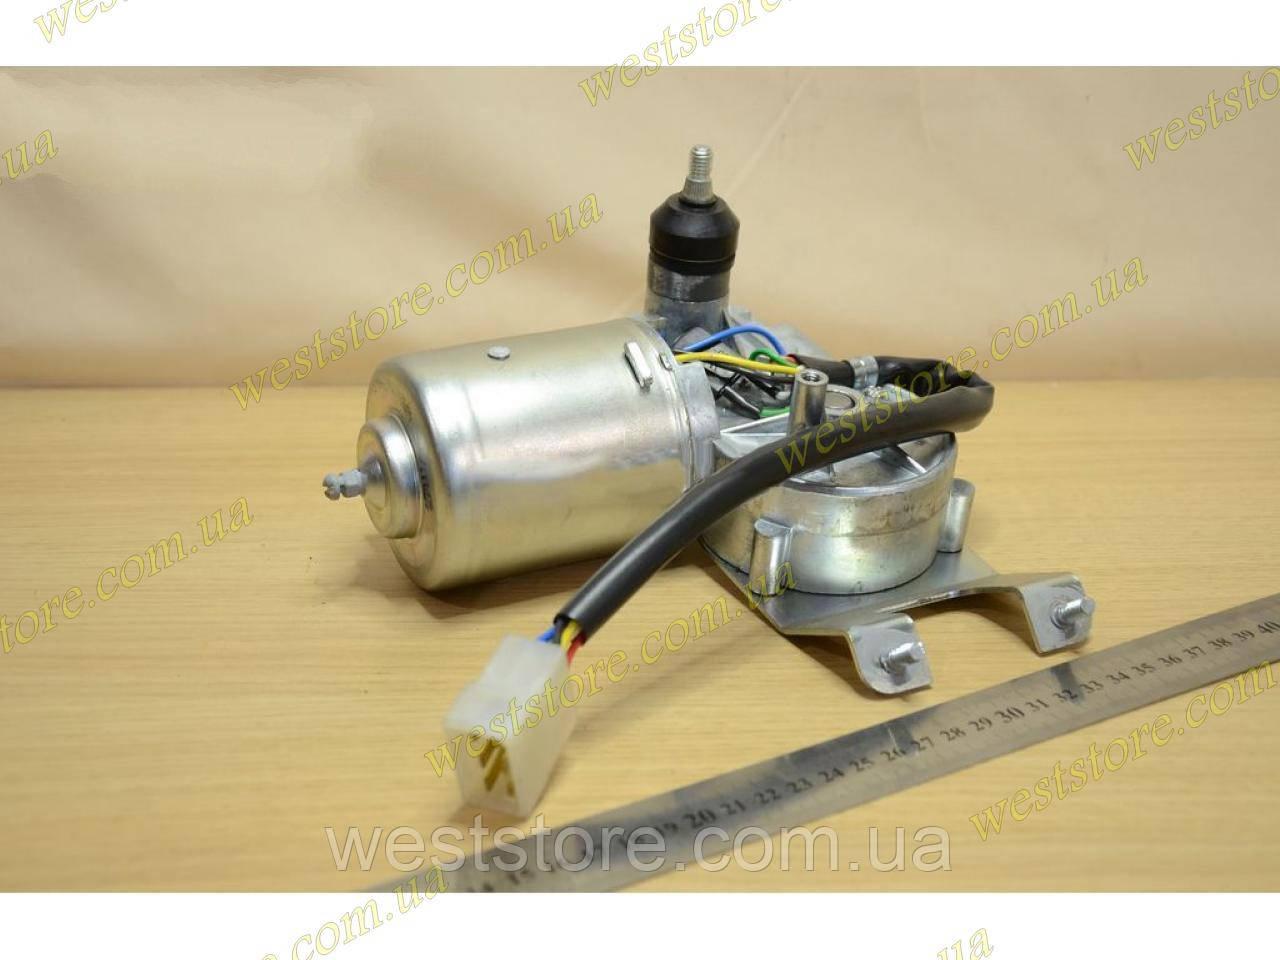 Мотор стеклоочистителя дворников Заз 1102-05 Таврия Славута передний Завод